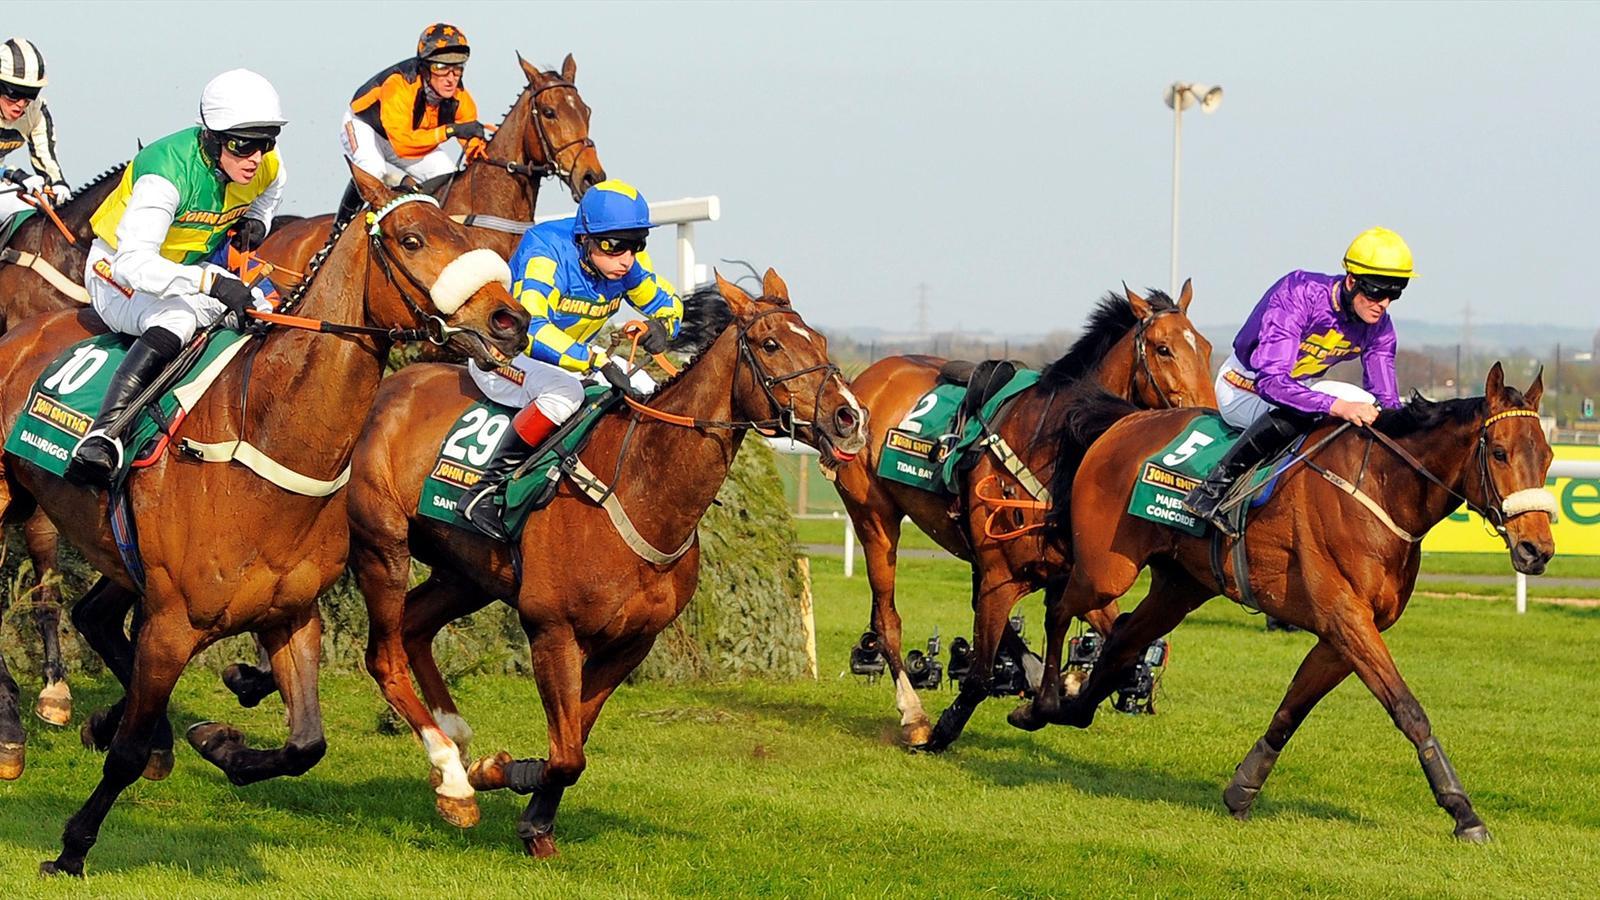 Grand National - Horse Racing - Eurosport Asia